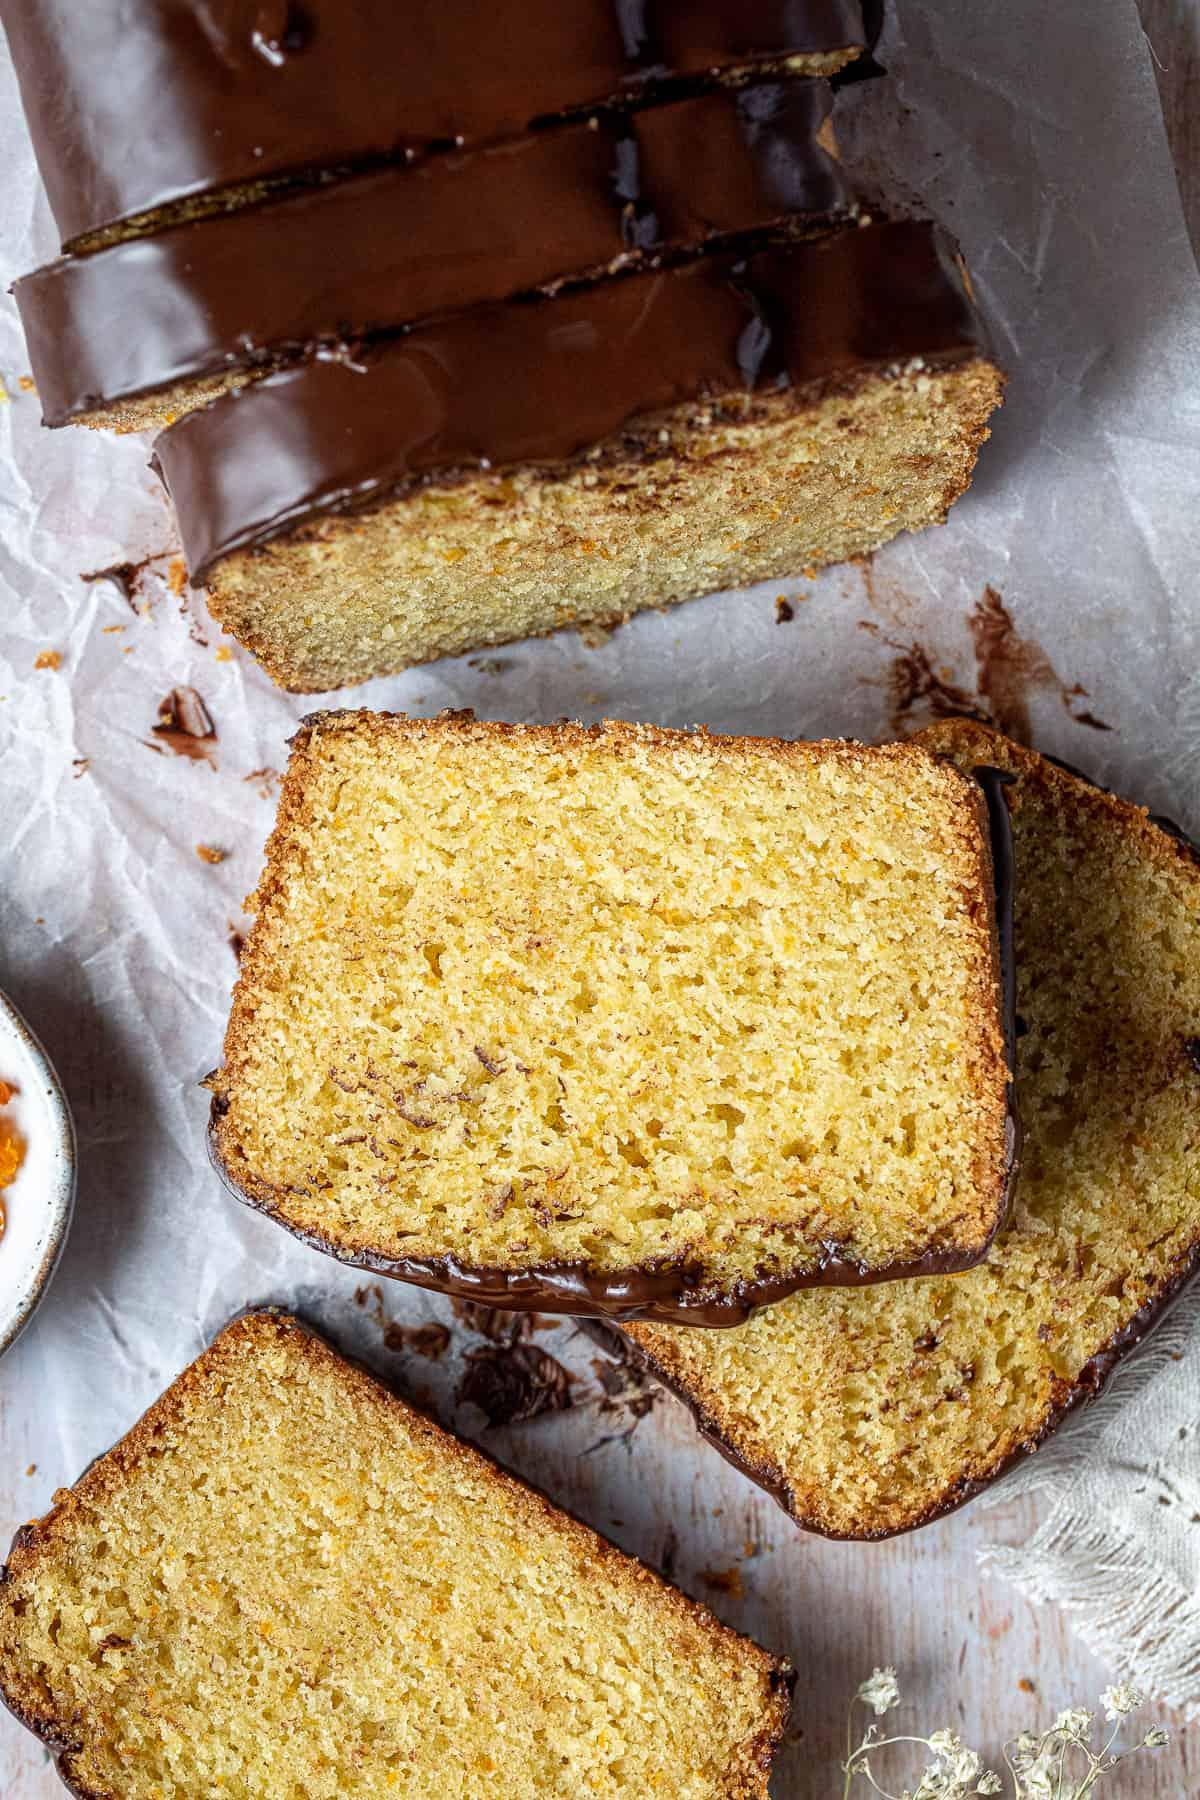 Close up of a slice of vegan orange loaf cake.